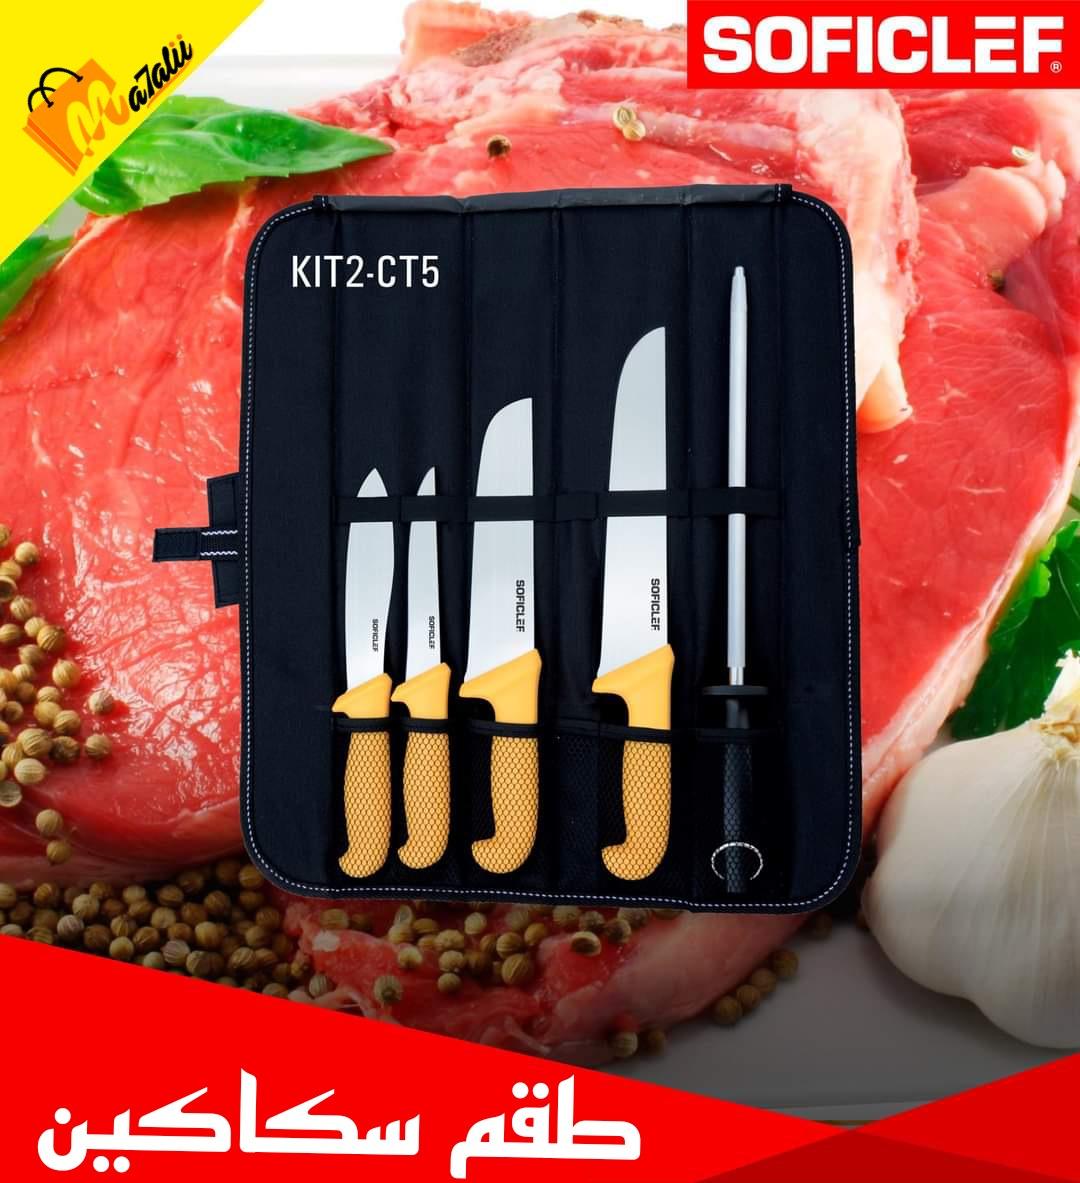 طقم سكاكين من SOFICLEF